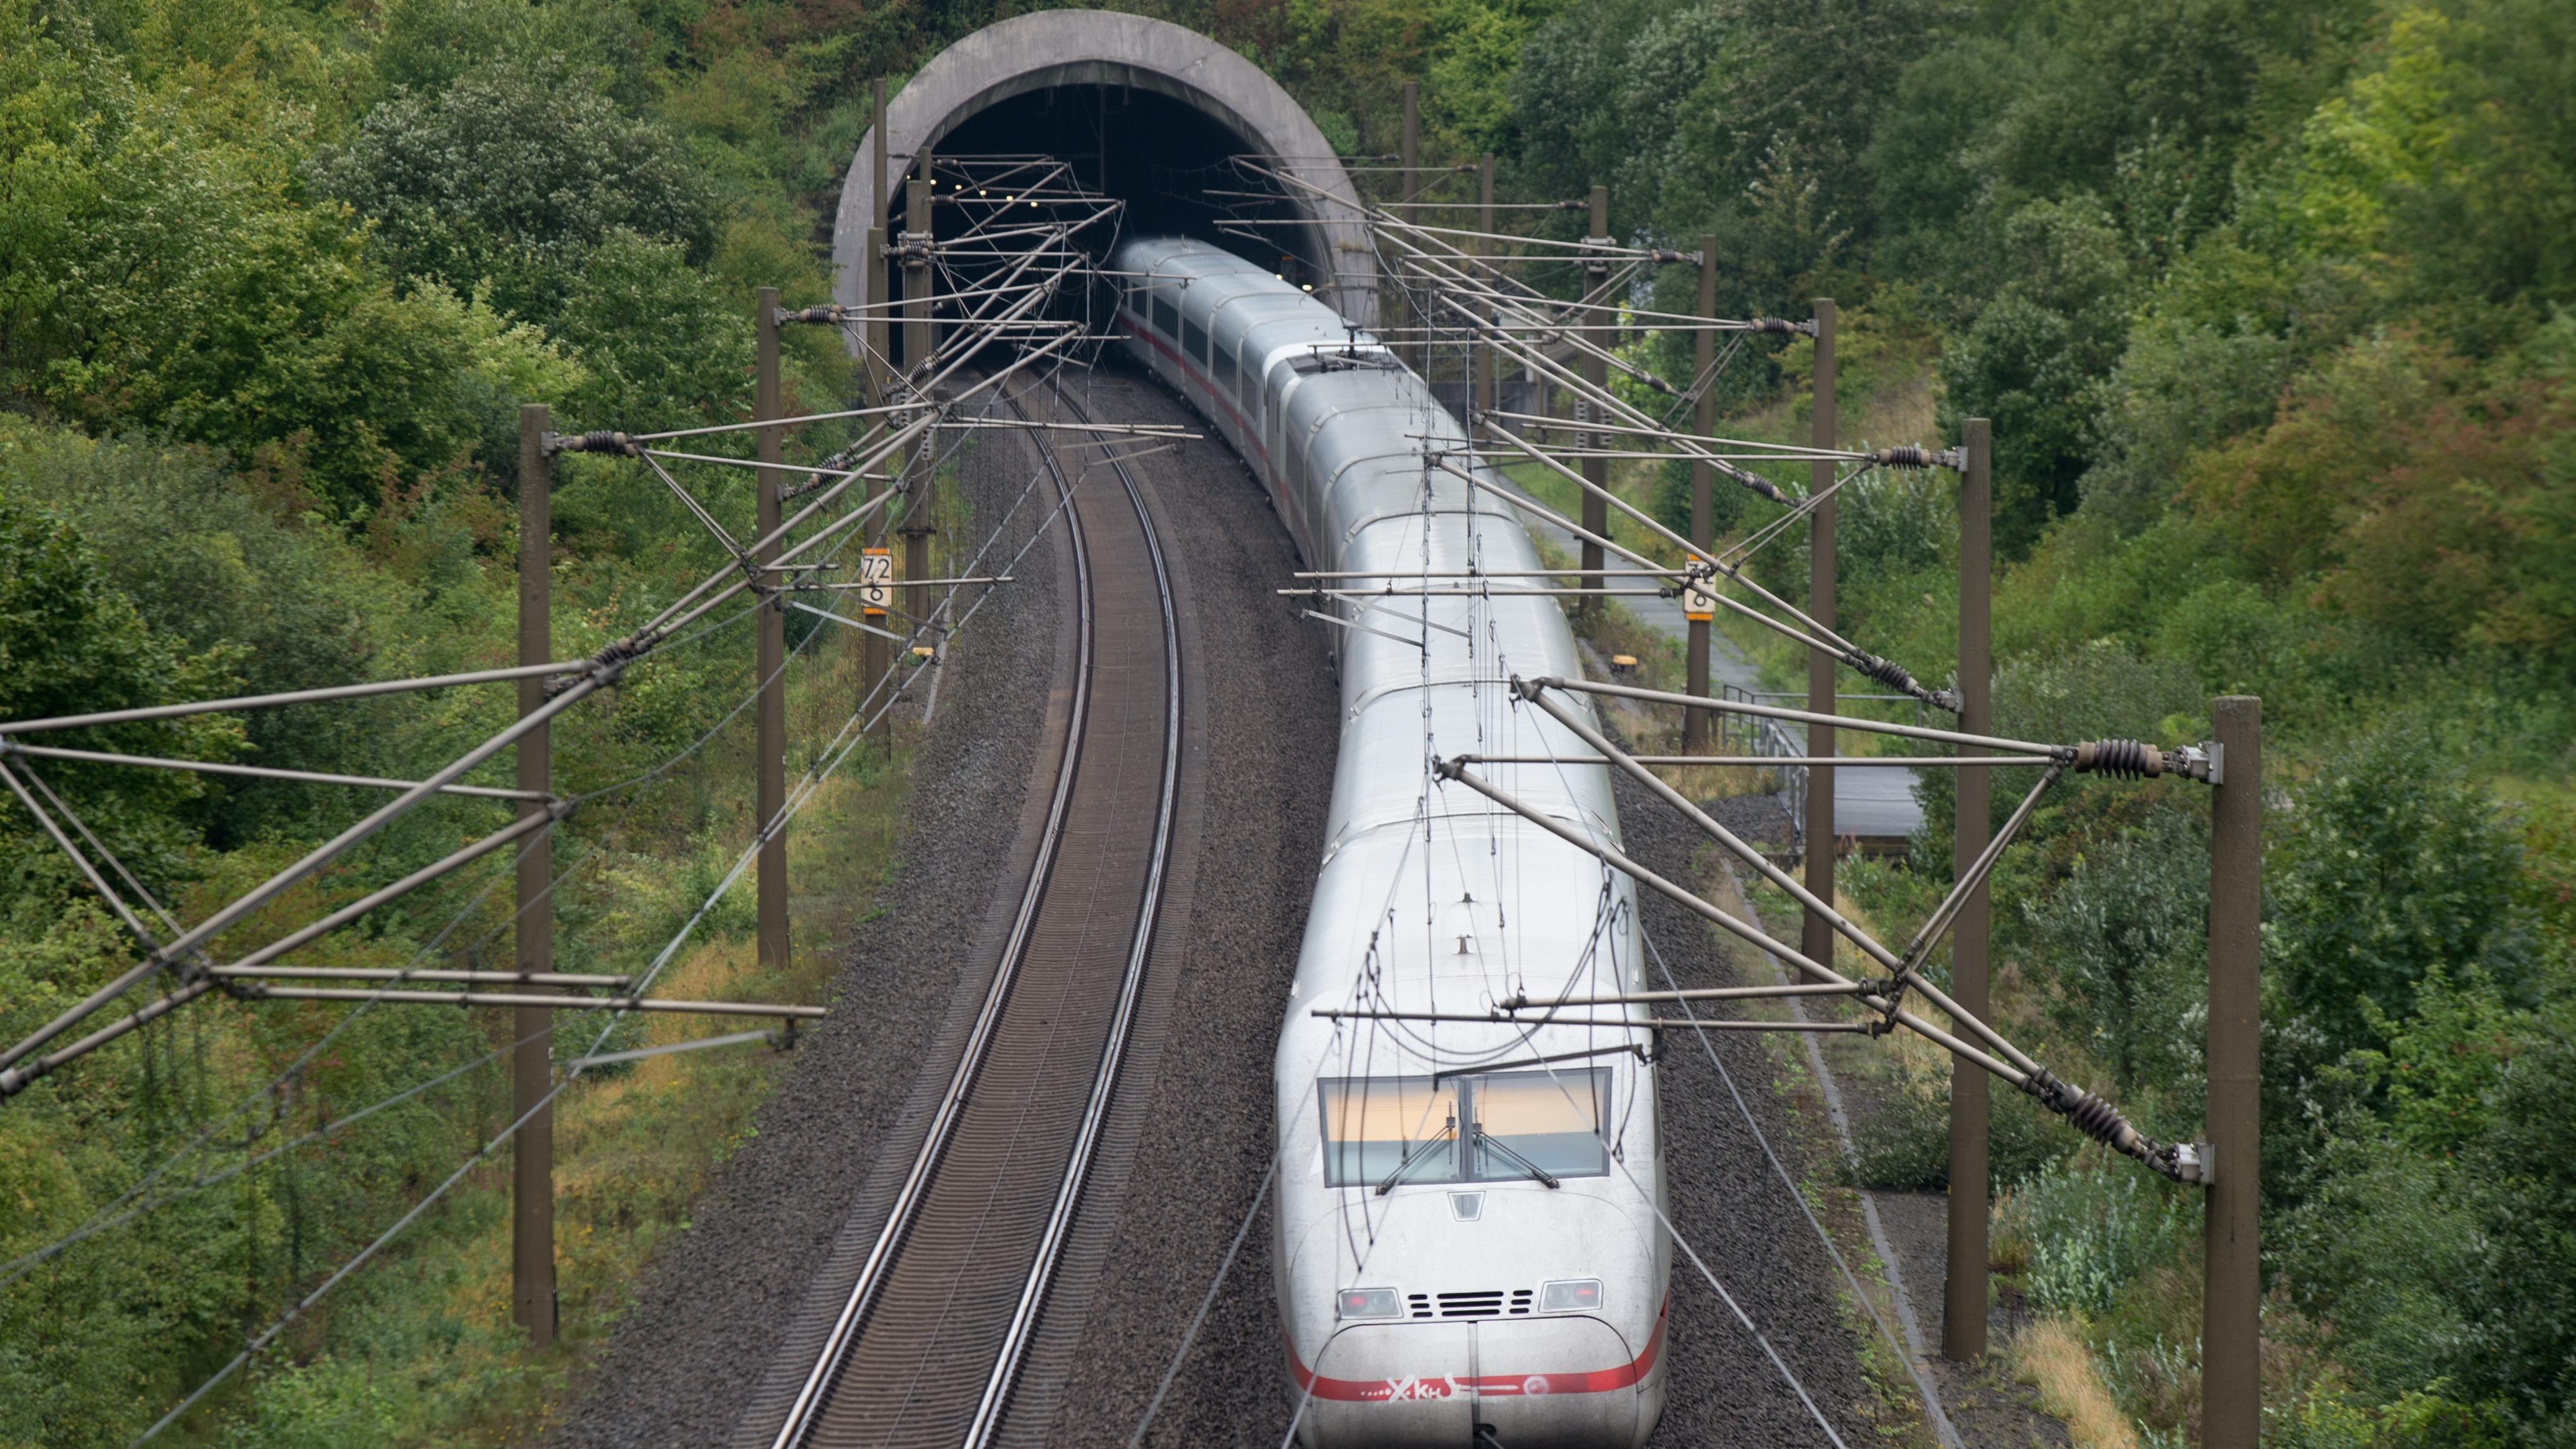 Ein ICE der Deutschen Bahn fährt auf der Schnellfahrstrecke Hannover - Würzburg in den Kriebergtunnel.